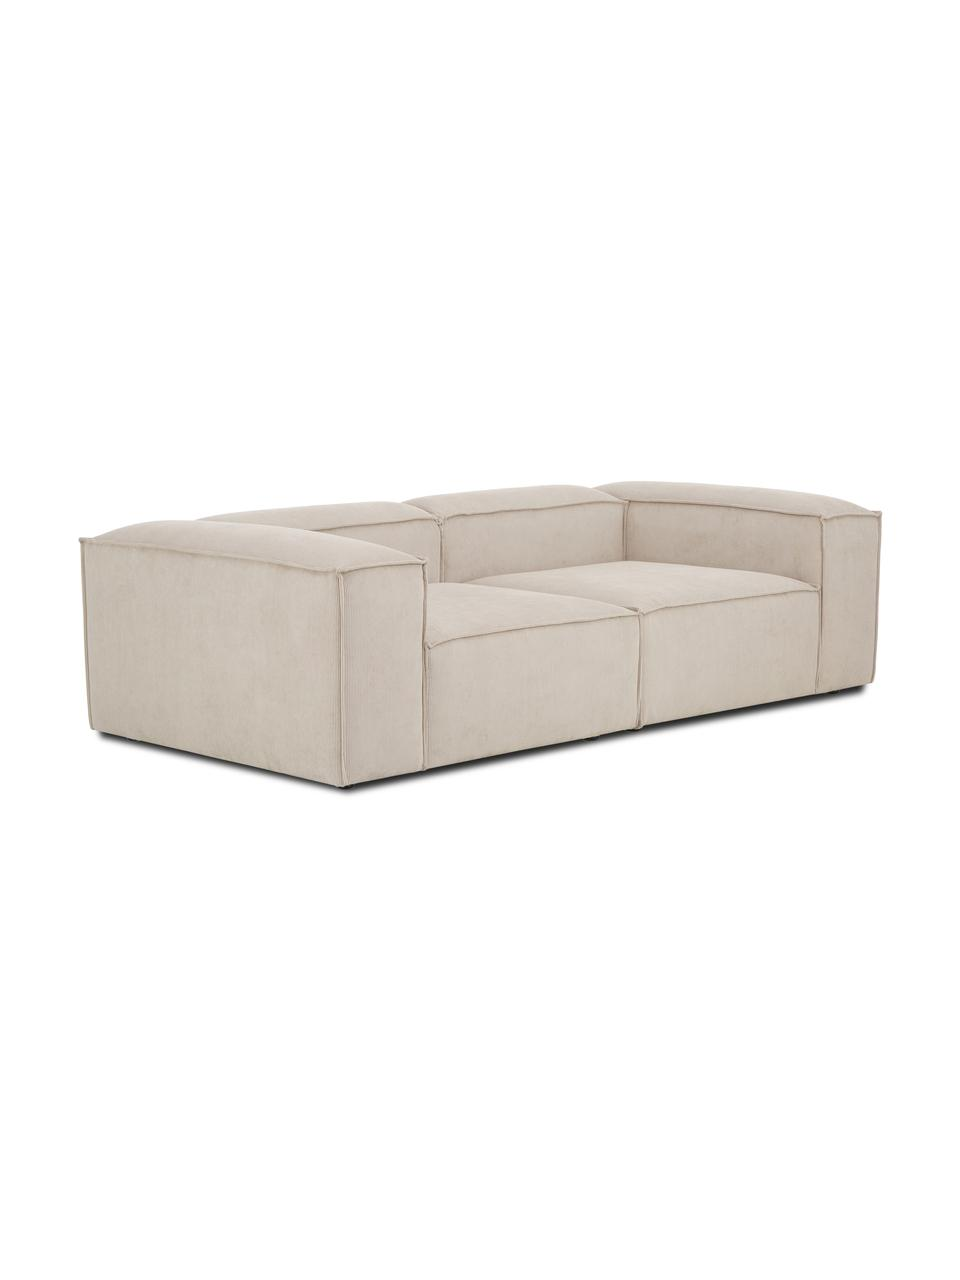 Sofa modułowa ze sztruksu Lennon (3-osobowa), Tapicerka: sztruks (92% poliester, 8, Stelaż: lite drewno sosnowe, skle, Nogi: tworzywo sztuczne Nogi zn, Sztruksowy beżowy, S 238 x G 119 cm